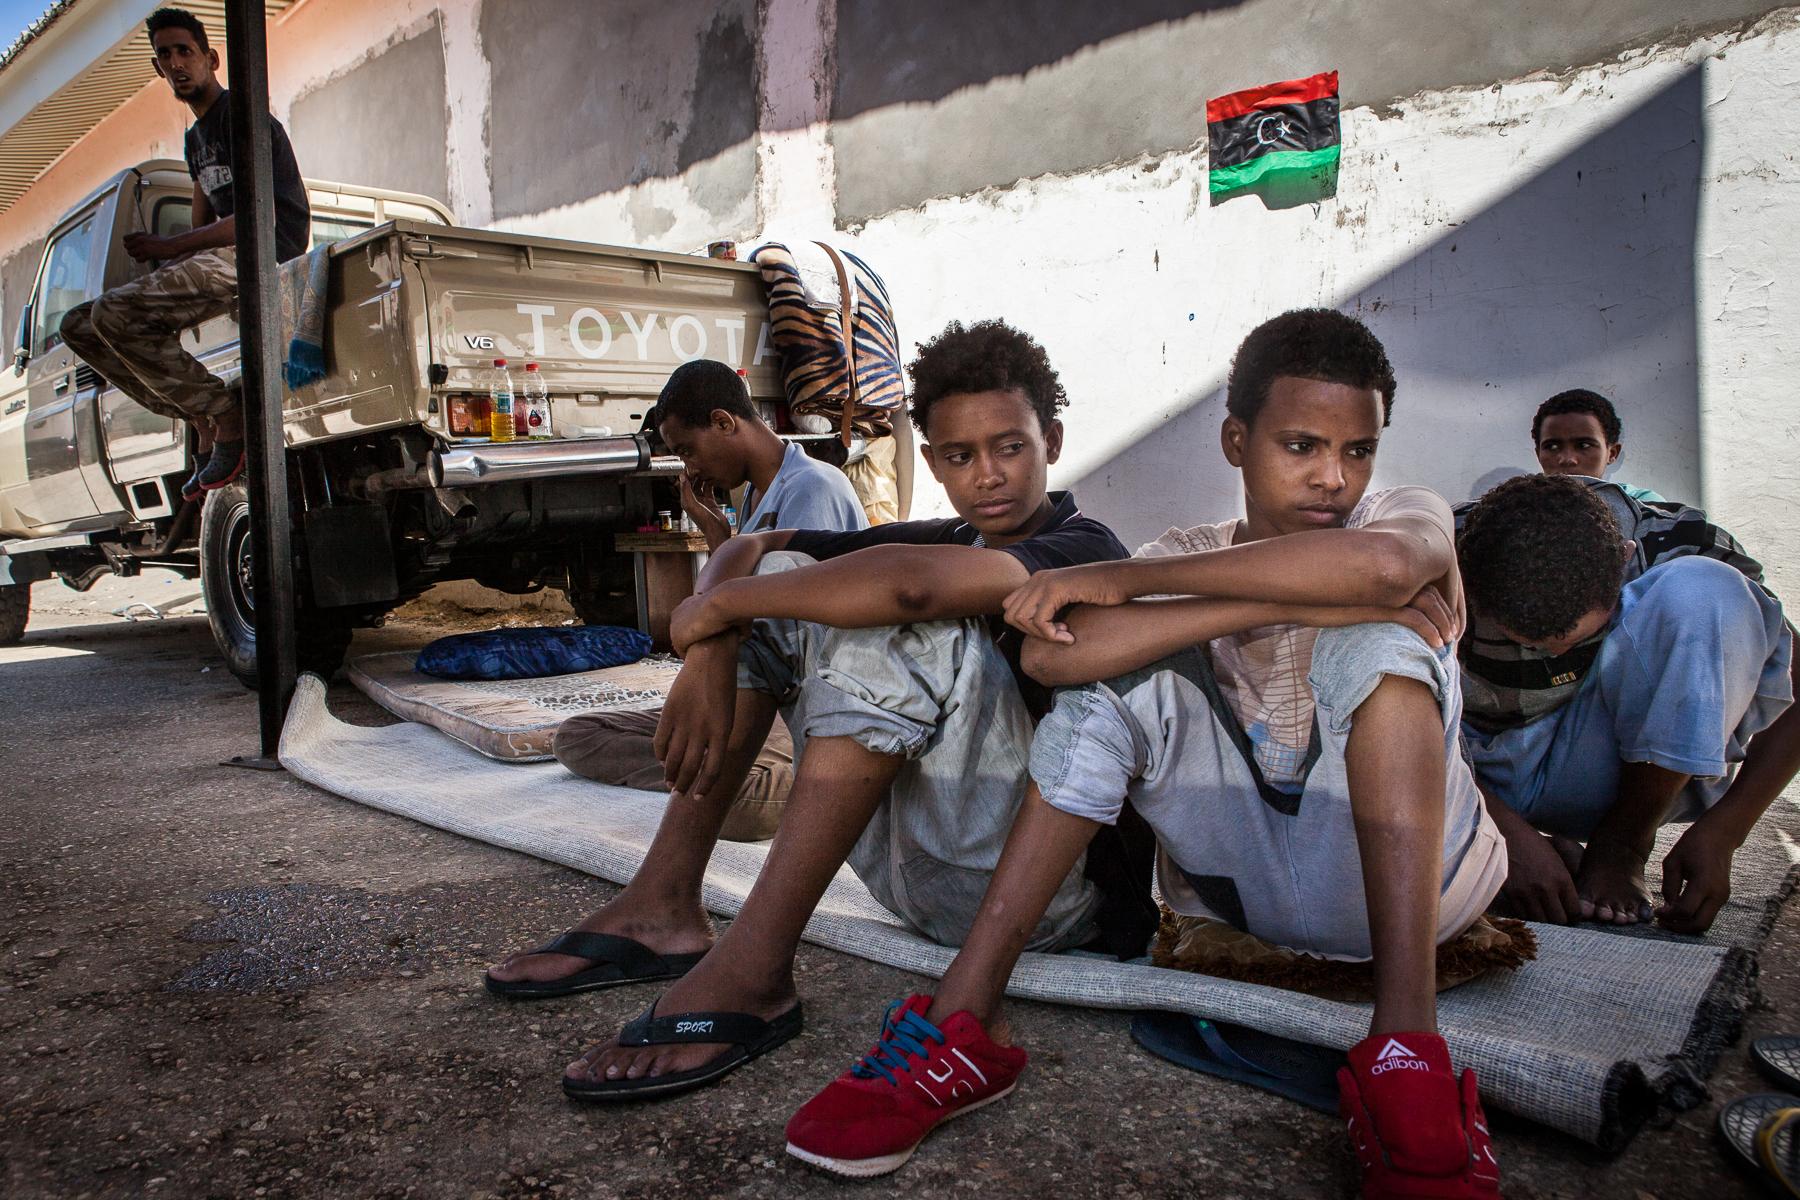 Tripoli, le 8 Juillet 2015. Mineurs isolés erythréens vivant dans le Centre de détention pour migrants illégaux dans le quartier général du département de lutte contre la migration illégale. Le gouvernement de Fajr Libya, installé à Tripoli, est en recherche de reconnaissance de la part de la communauté internationale. Conscients que les conditions de vie dans les camps sont difficiles, ils demandent de l'aide financière et logistique à l'occident pour réussir à gérer la migration illégale transitant par son territoire. En attendant, les migrants illégaux sont entassés dans des lieux insalubres, sans possibilité de sortir ni d'avoir suffisamment accès aux soins.   Tripoli, July 8, 2015. Eritrean migrant children  in the Detention Center, the headquarters of the Department of fight against illegal migration. The government of Fajr Libya, based in Tripoli, is looking for recognition from the international community. Aware that the living conditions in the camps are difficult, they ask for financial and logistical assistance to the West to successfully manage illegal migration transiting through its territory. Meanwhile, illegal migrants are crammed in unhealthy places, not allowed to go out or to have sufficient access to care.